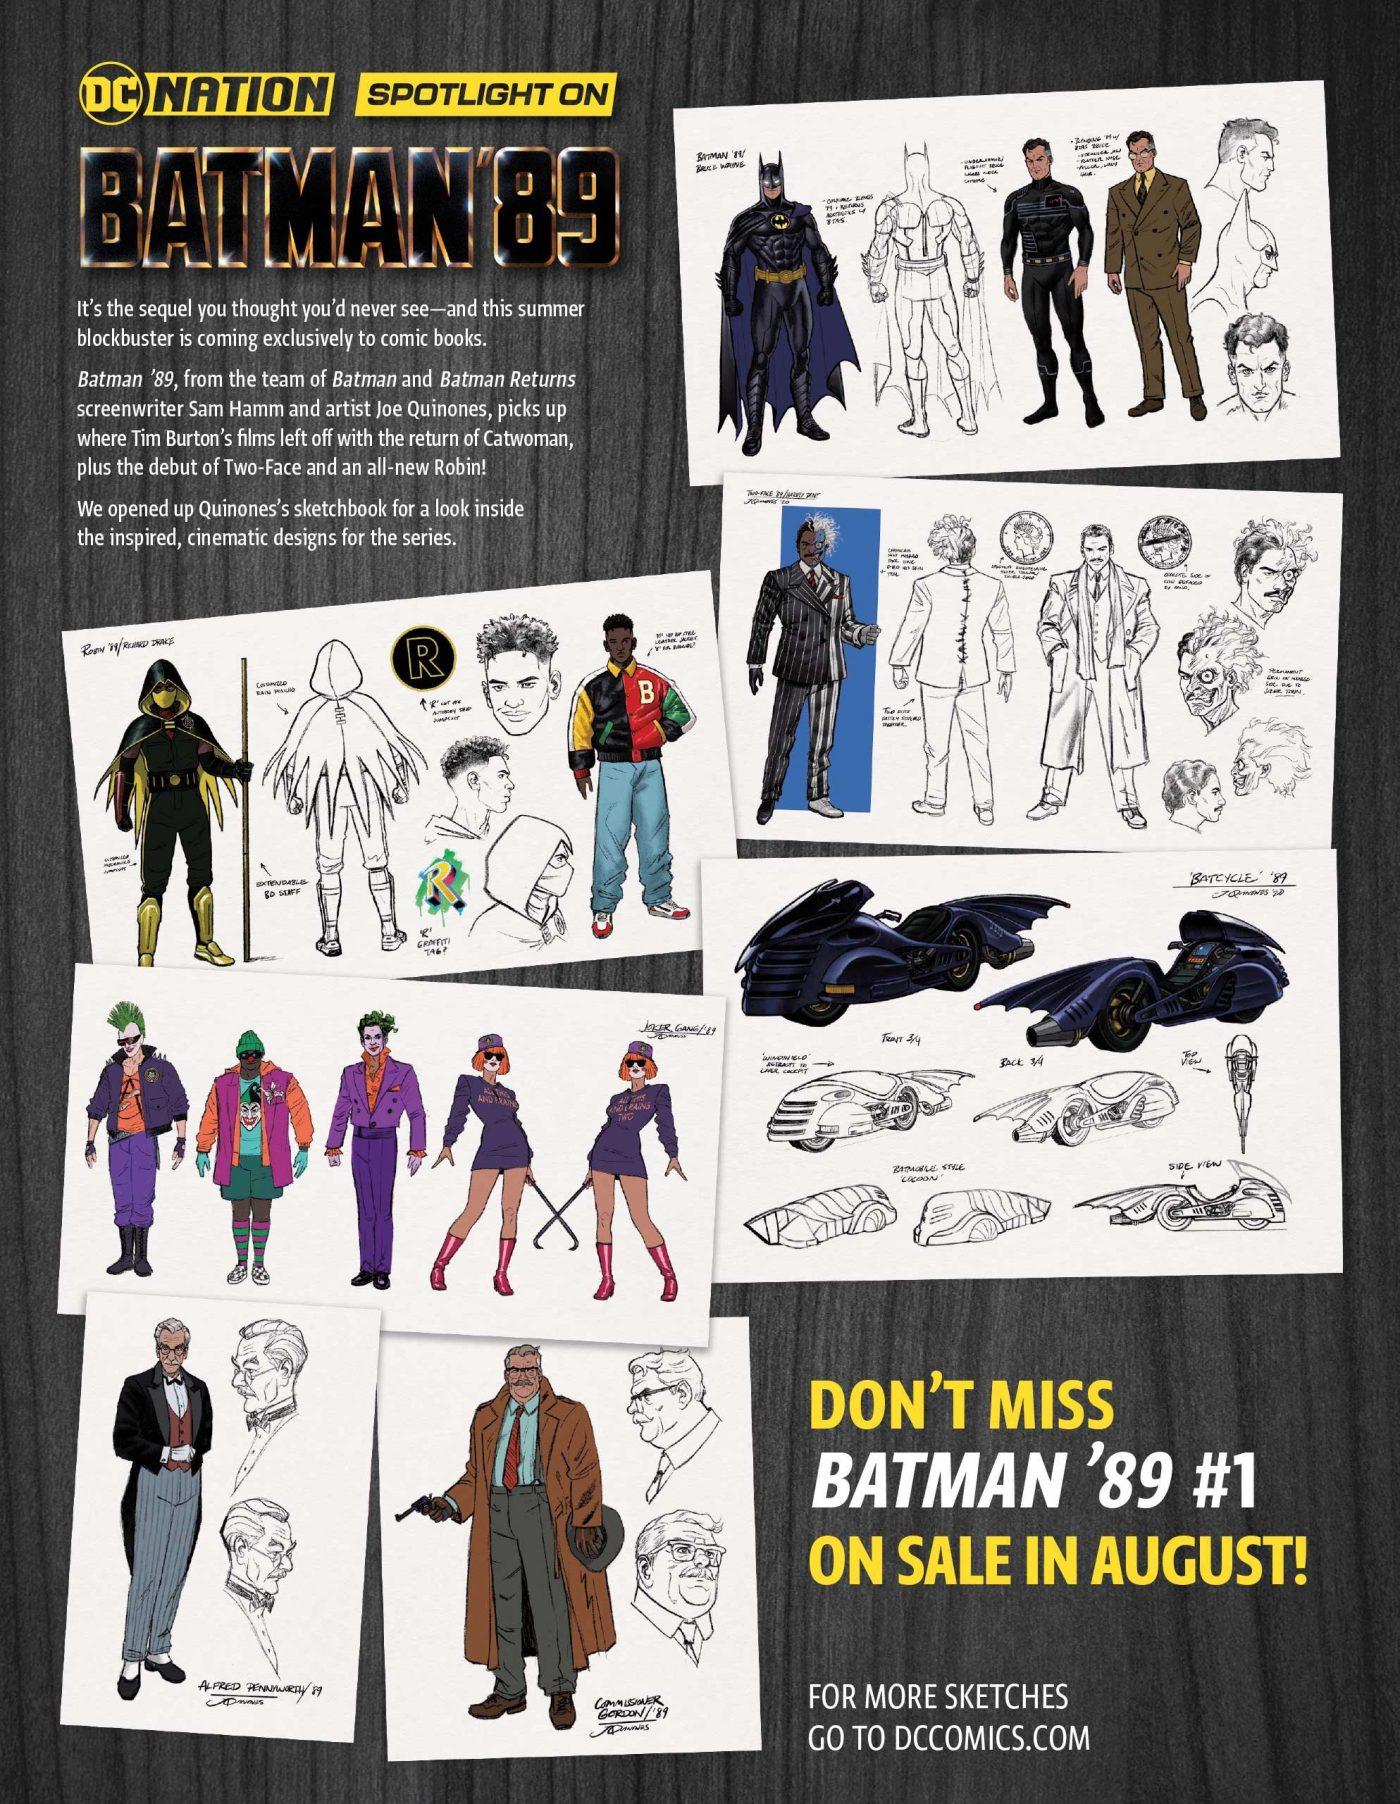 Batman '89, character design Joe Quinones